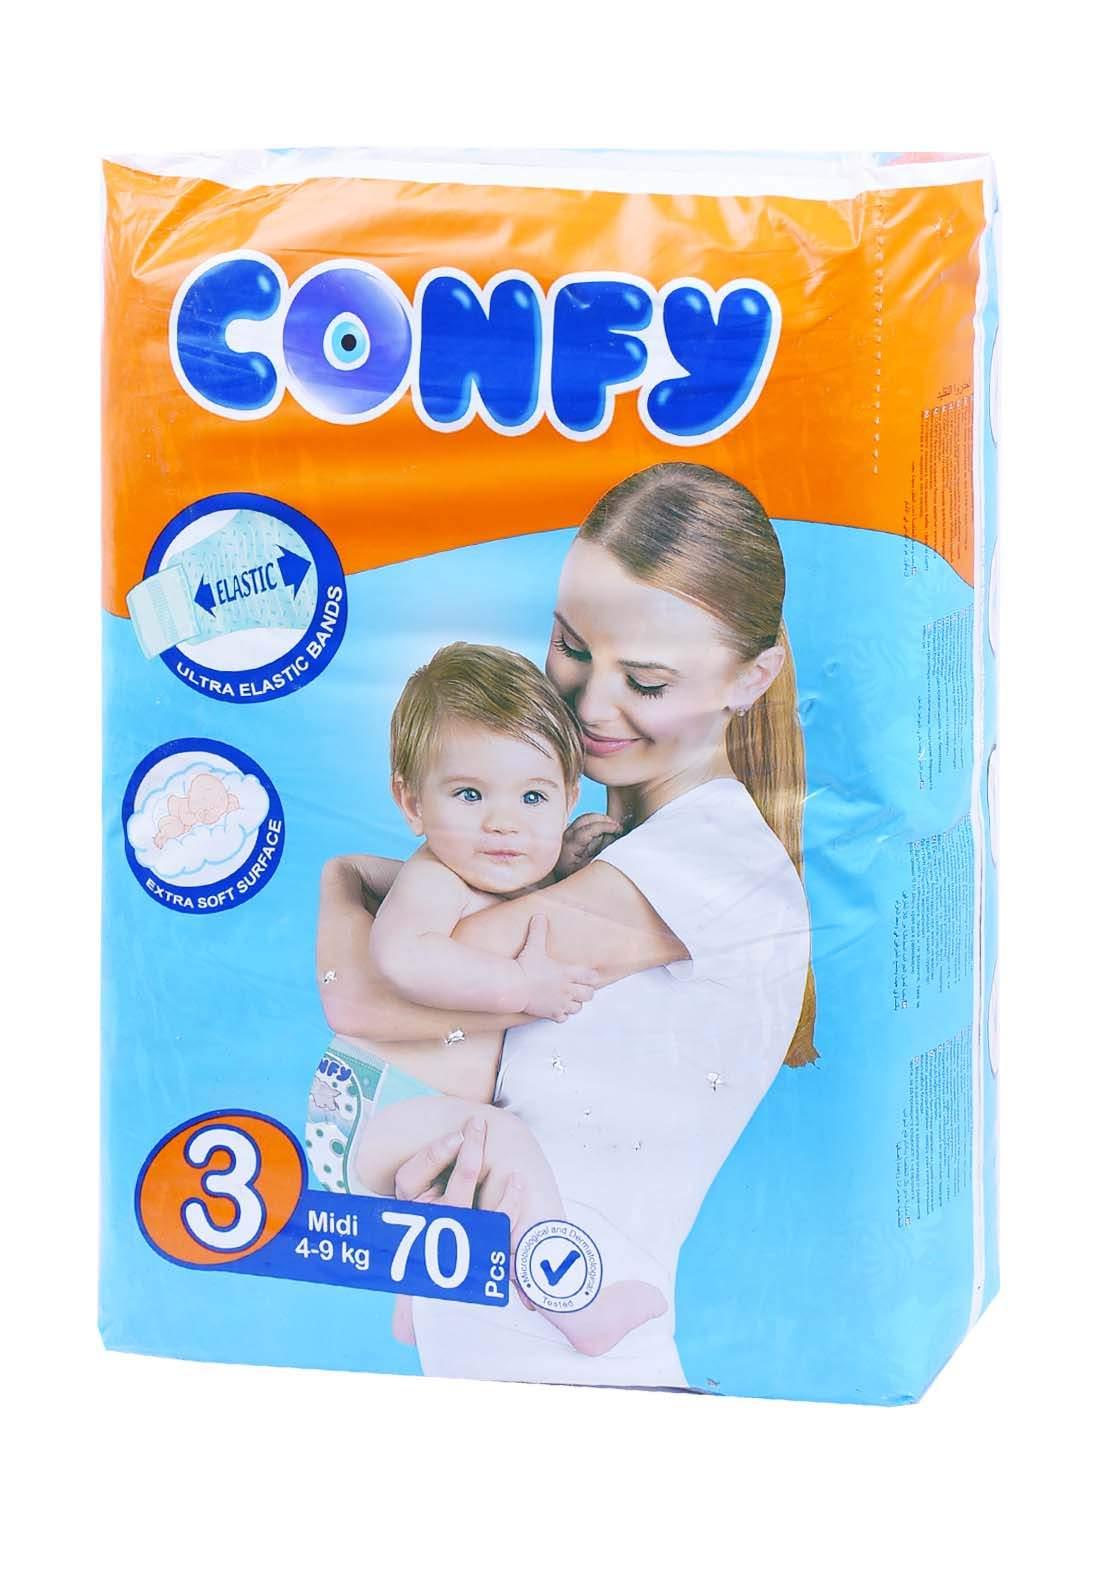 Confy 4-9 Kg 70 Pcs حفاضات  كونفي للاطفال عادي رقم 3